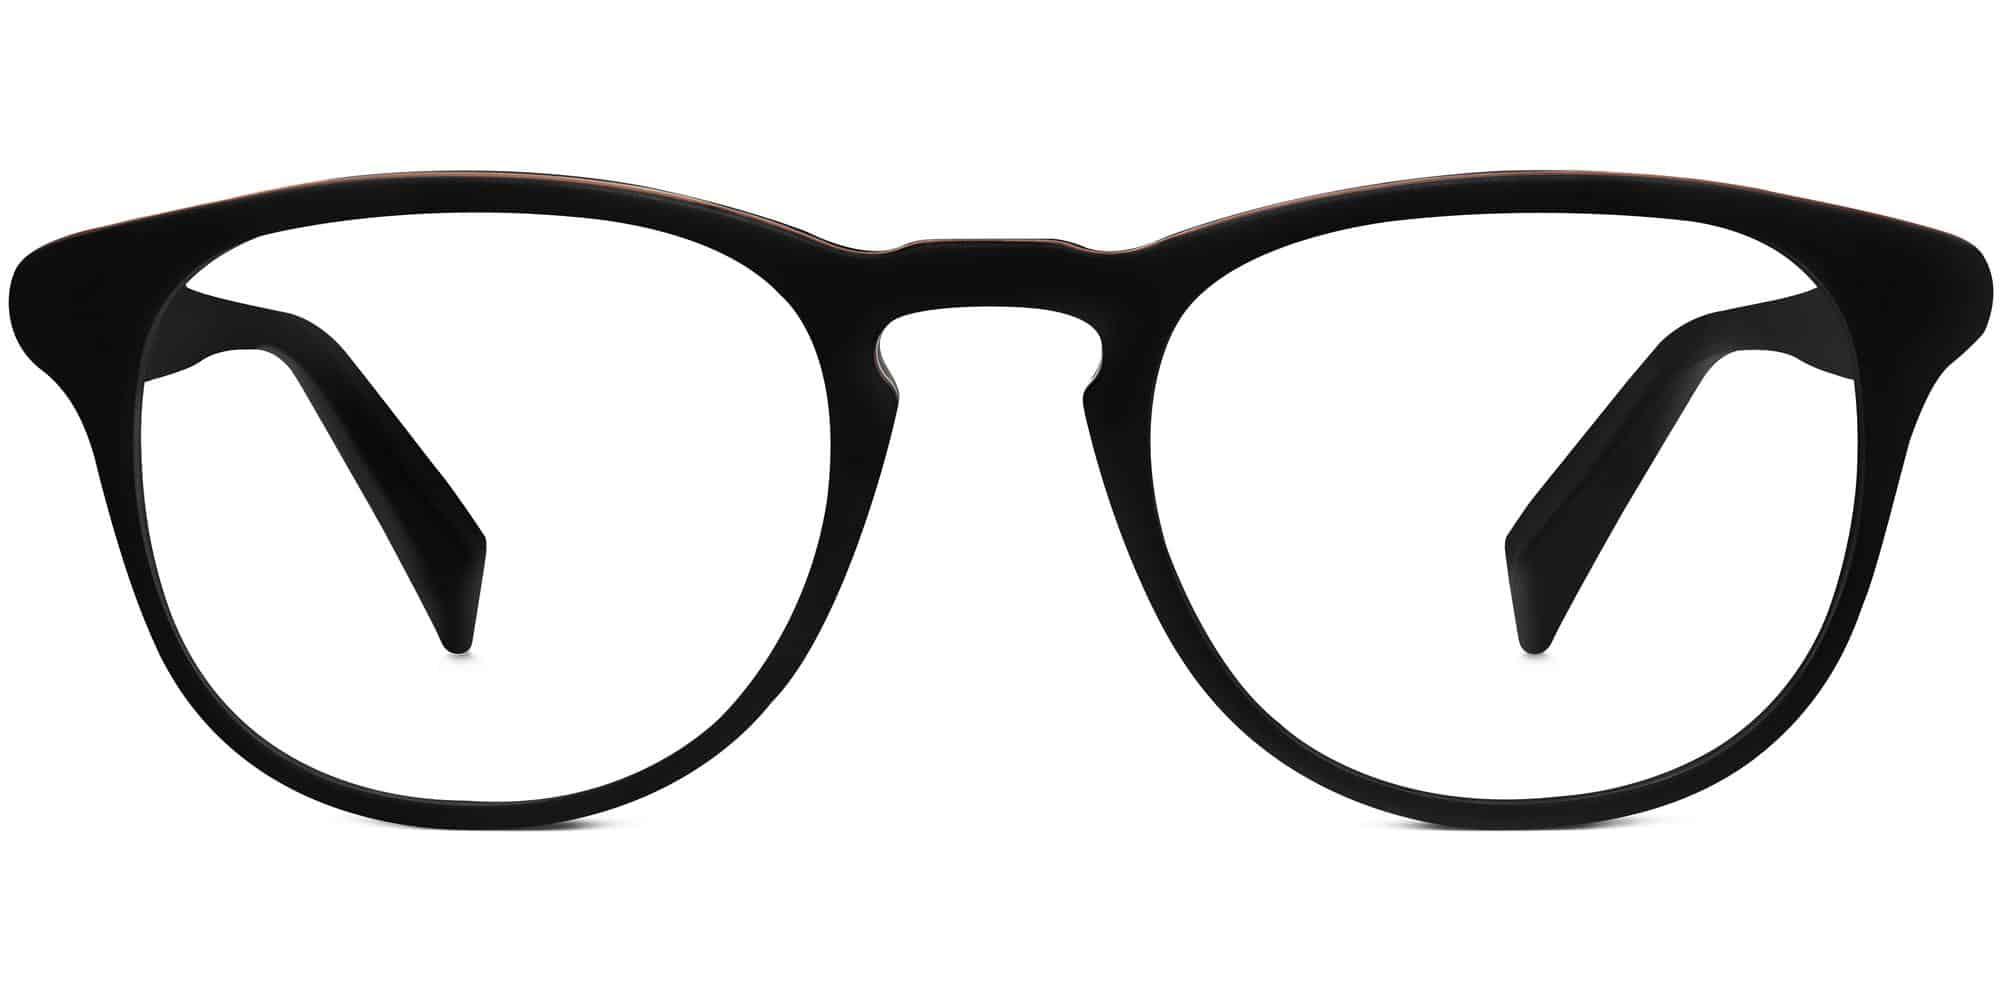 Baker m Eyeglasses in Black Matte Eclipse